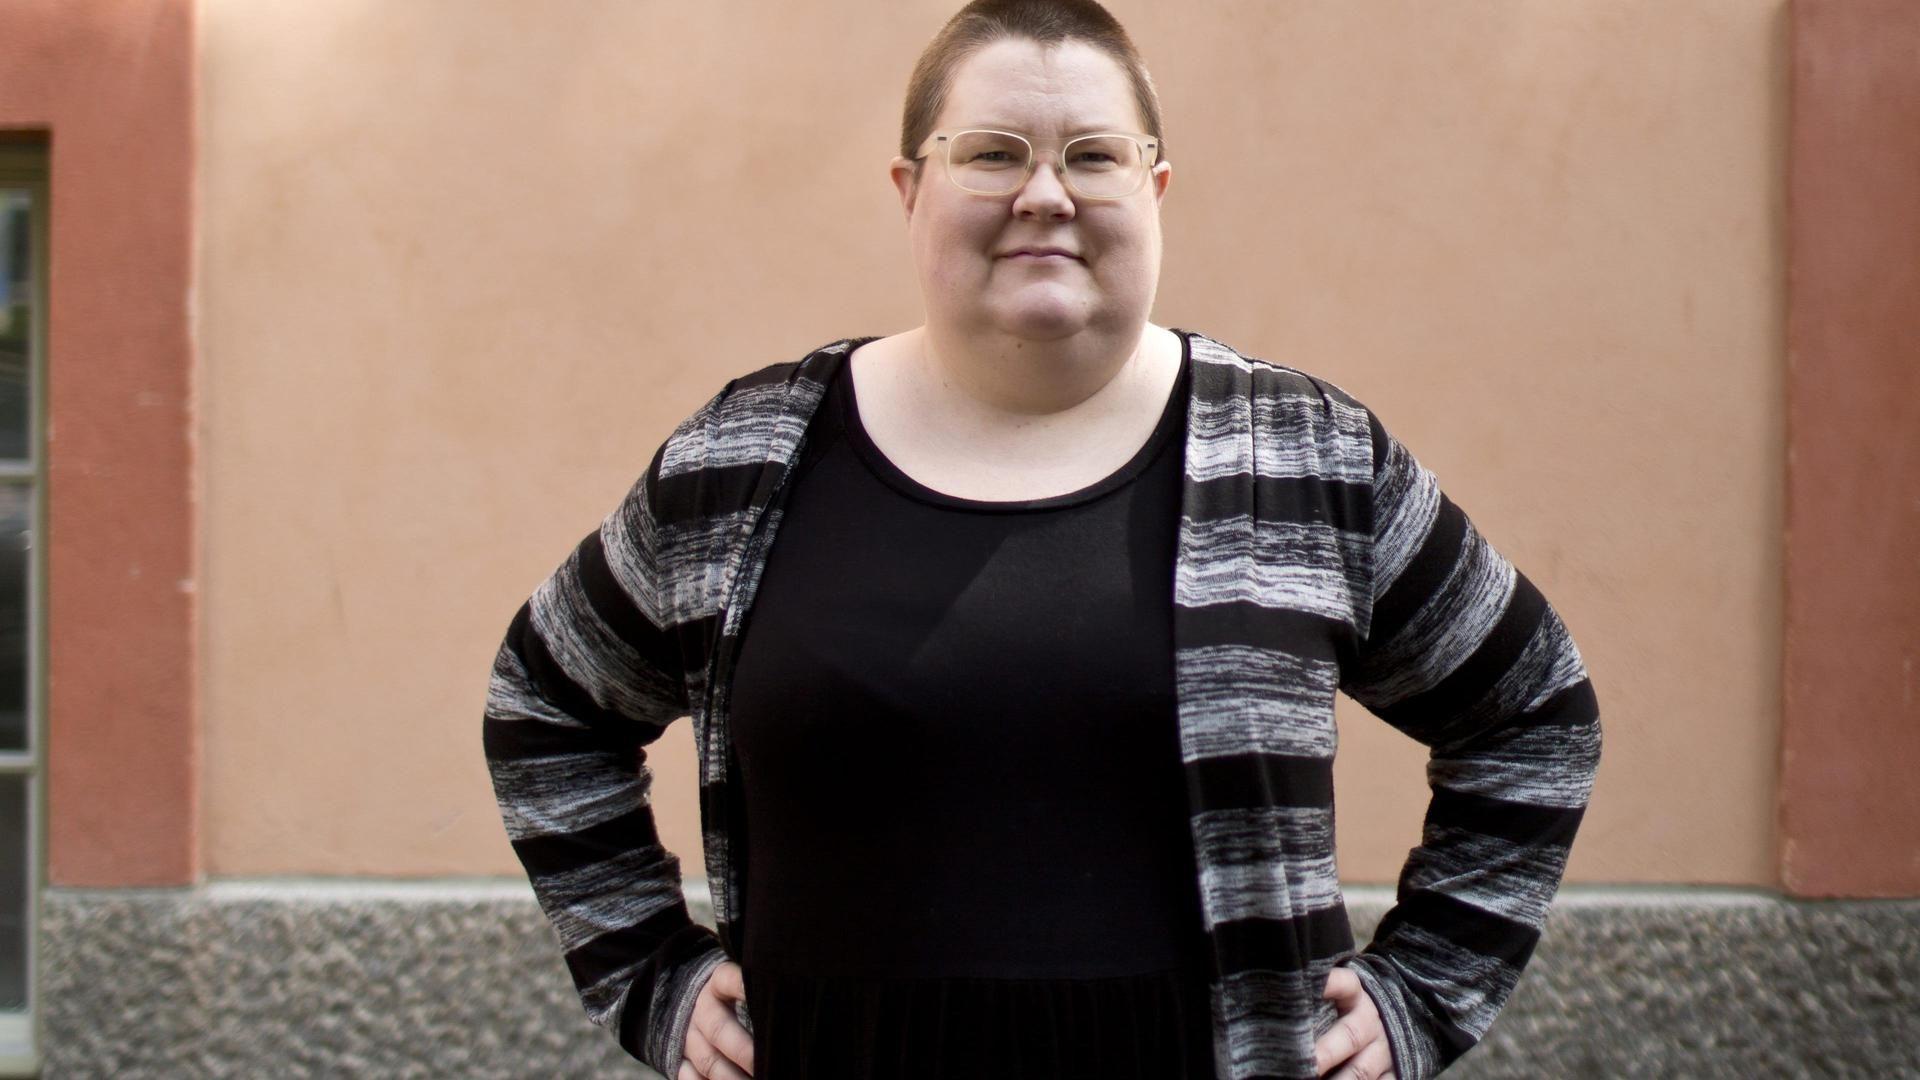 Kansainvälisen politiikan tutkija Saara Särmä tunnetaan eri puolilla maailmaa Congrats, You Have an All Male Panel -blogistaan. Nyt Särmä on kirjoittanut viisi ohjetta, joiden avulla jokainen voi edistää tasa-arvoisempaa maailmaa.